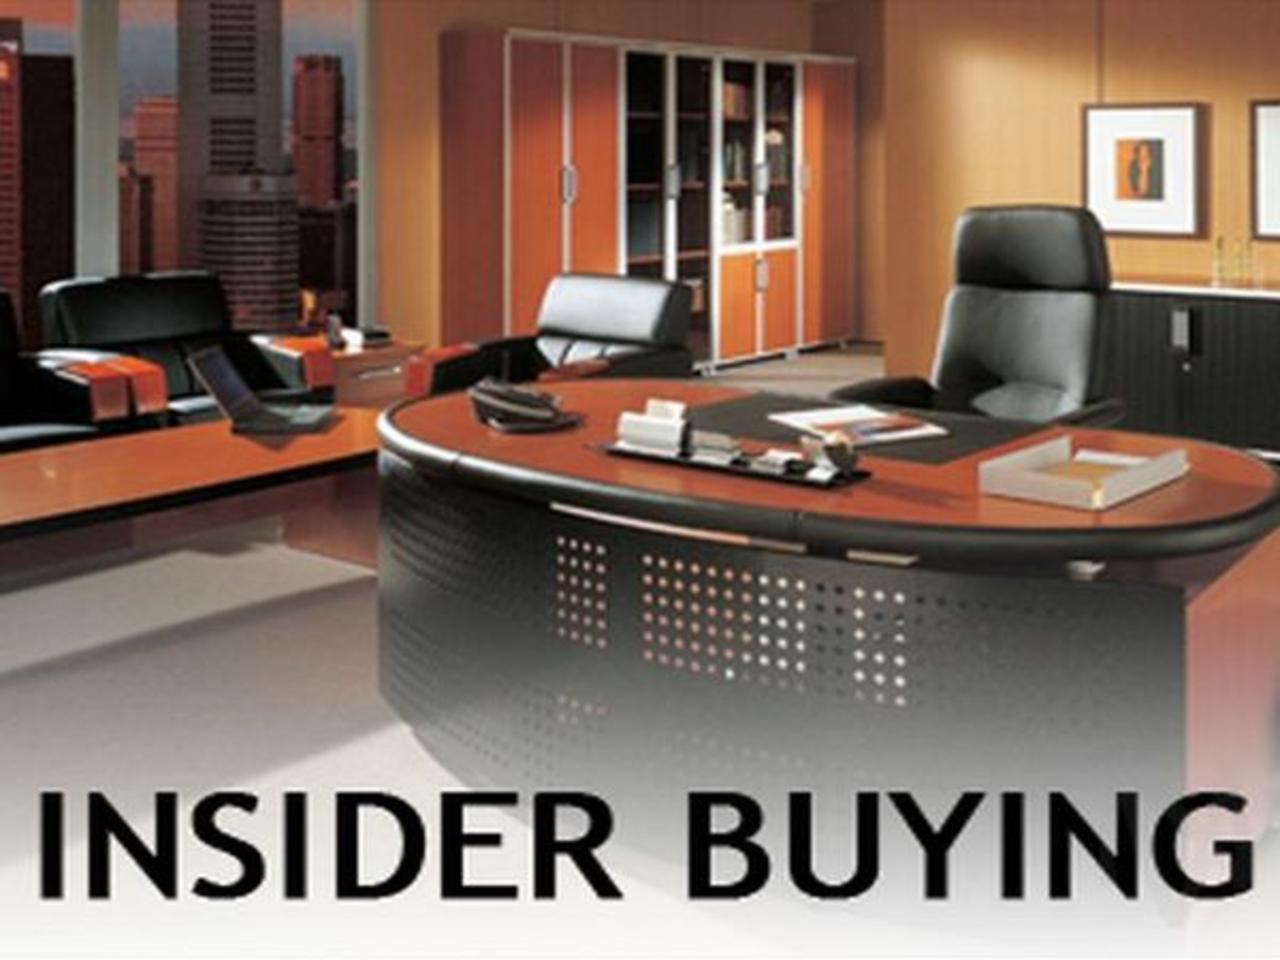 Thursday 4/8 Insider Buying Report: NMTR, JRO